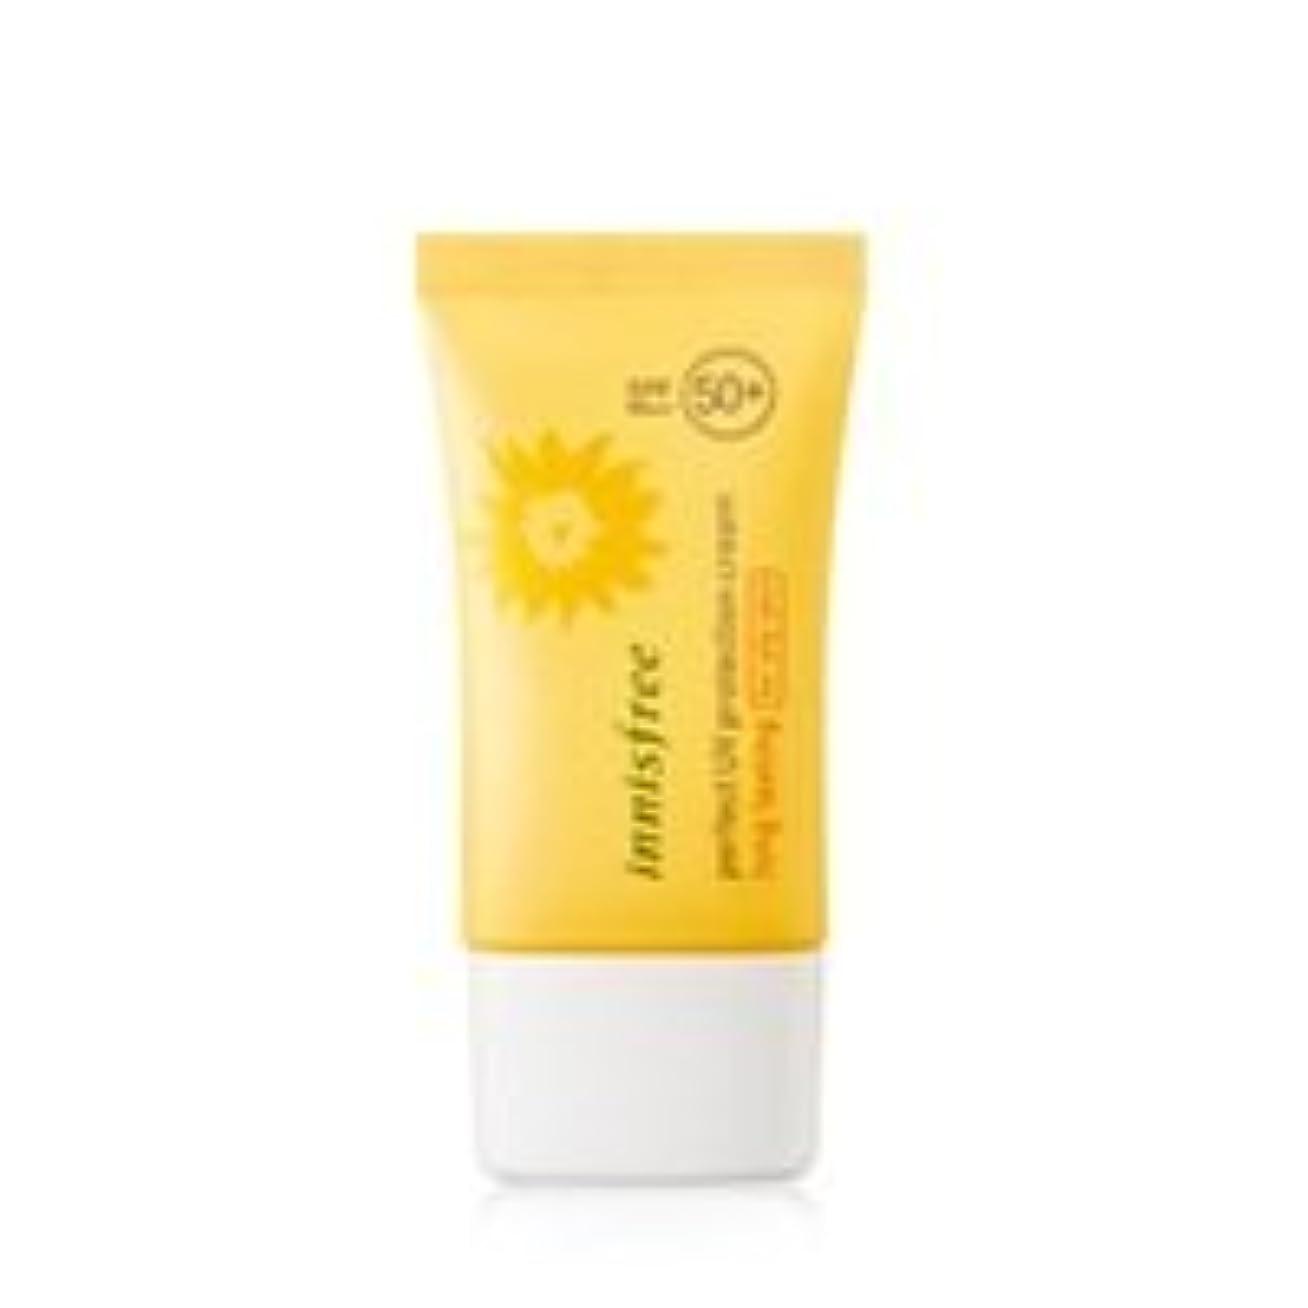 終了しました抵抗する快い[NEW] Innisfree Perfect UV Protection Cream Long Lasting 50ml [FOR OILY SKIN] イニスフリー パーフェクトUVプロテクションクリーム ロングラスティング...